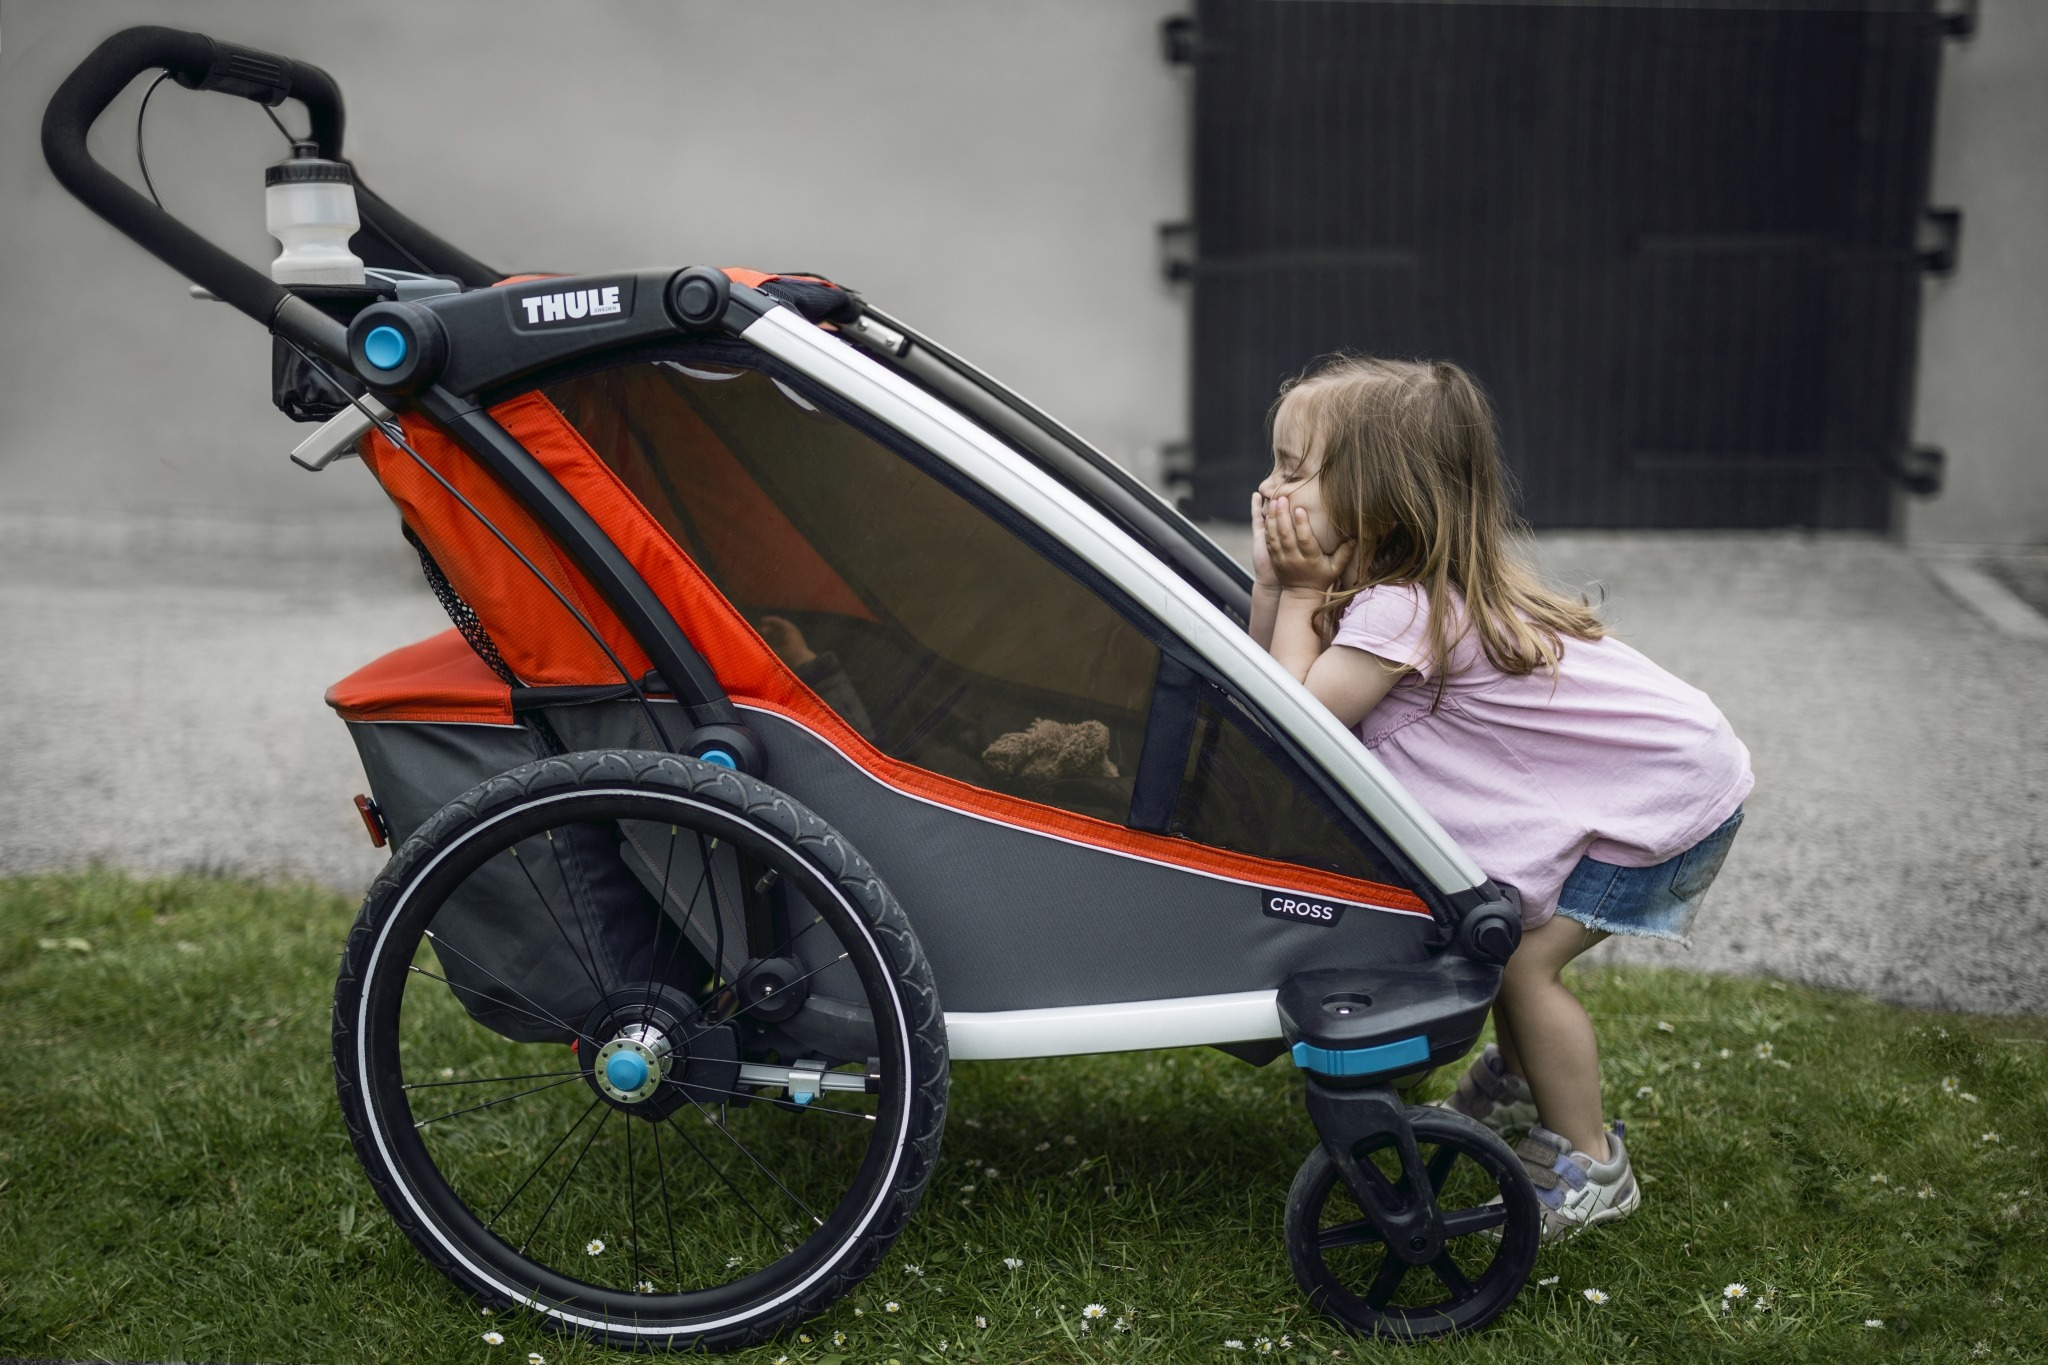 Przyczepka rowerowa dla dziecka - THULE Chariot Cross 1 - niebieska/granatowa